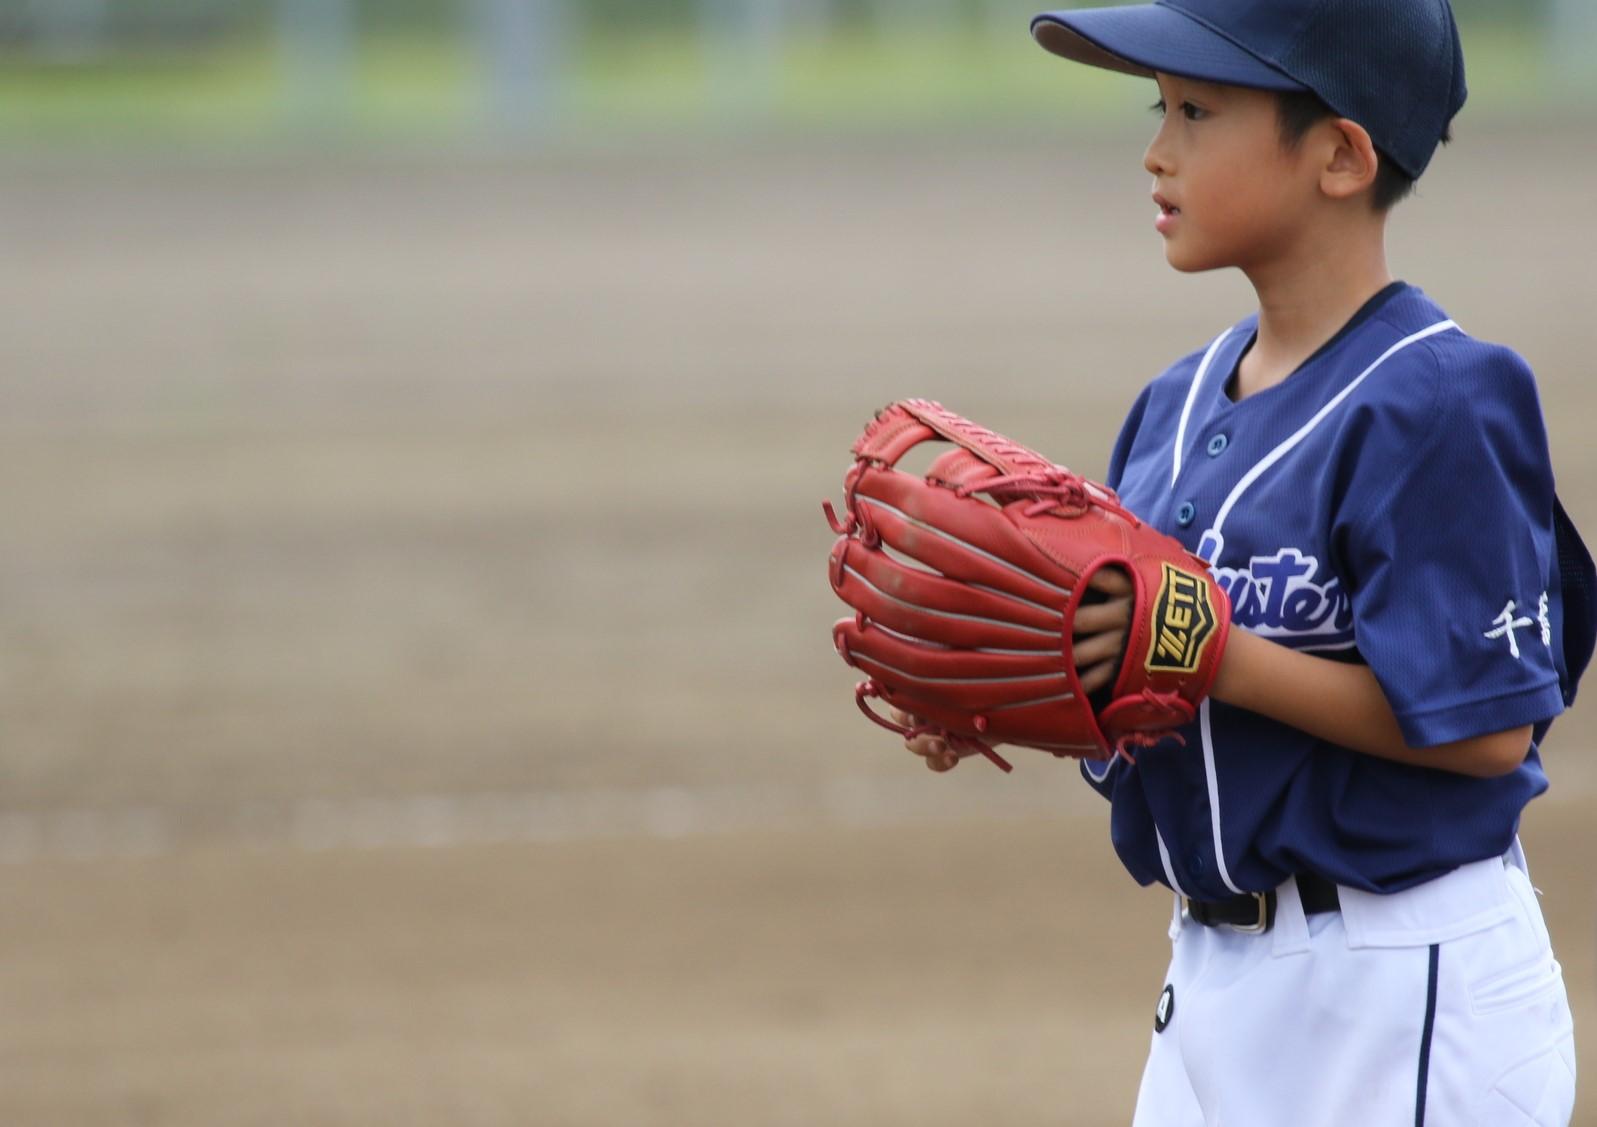 【ノックはしない】低学年の守備練習を効率的に行うポイント